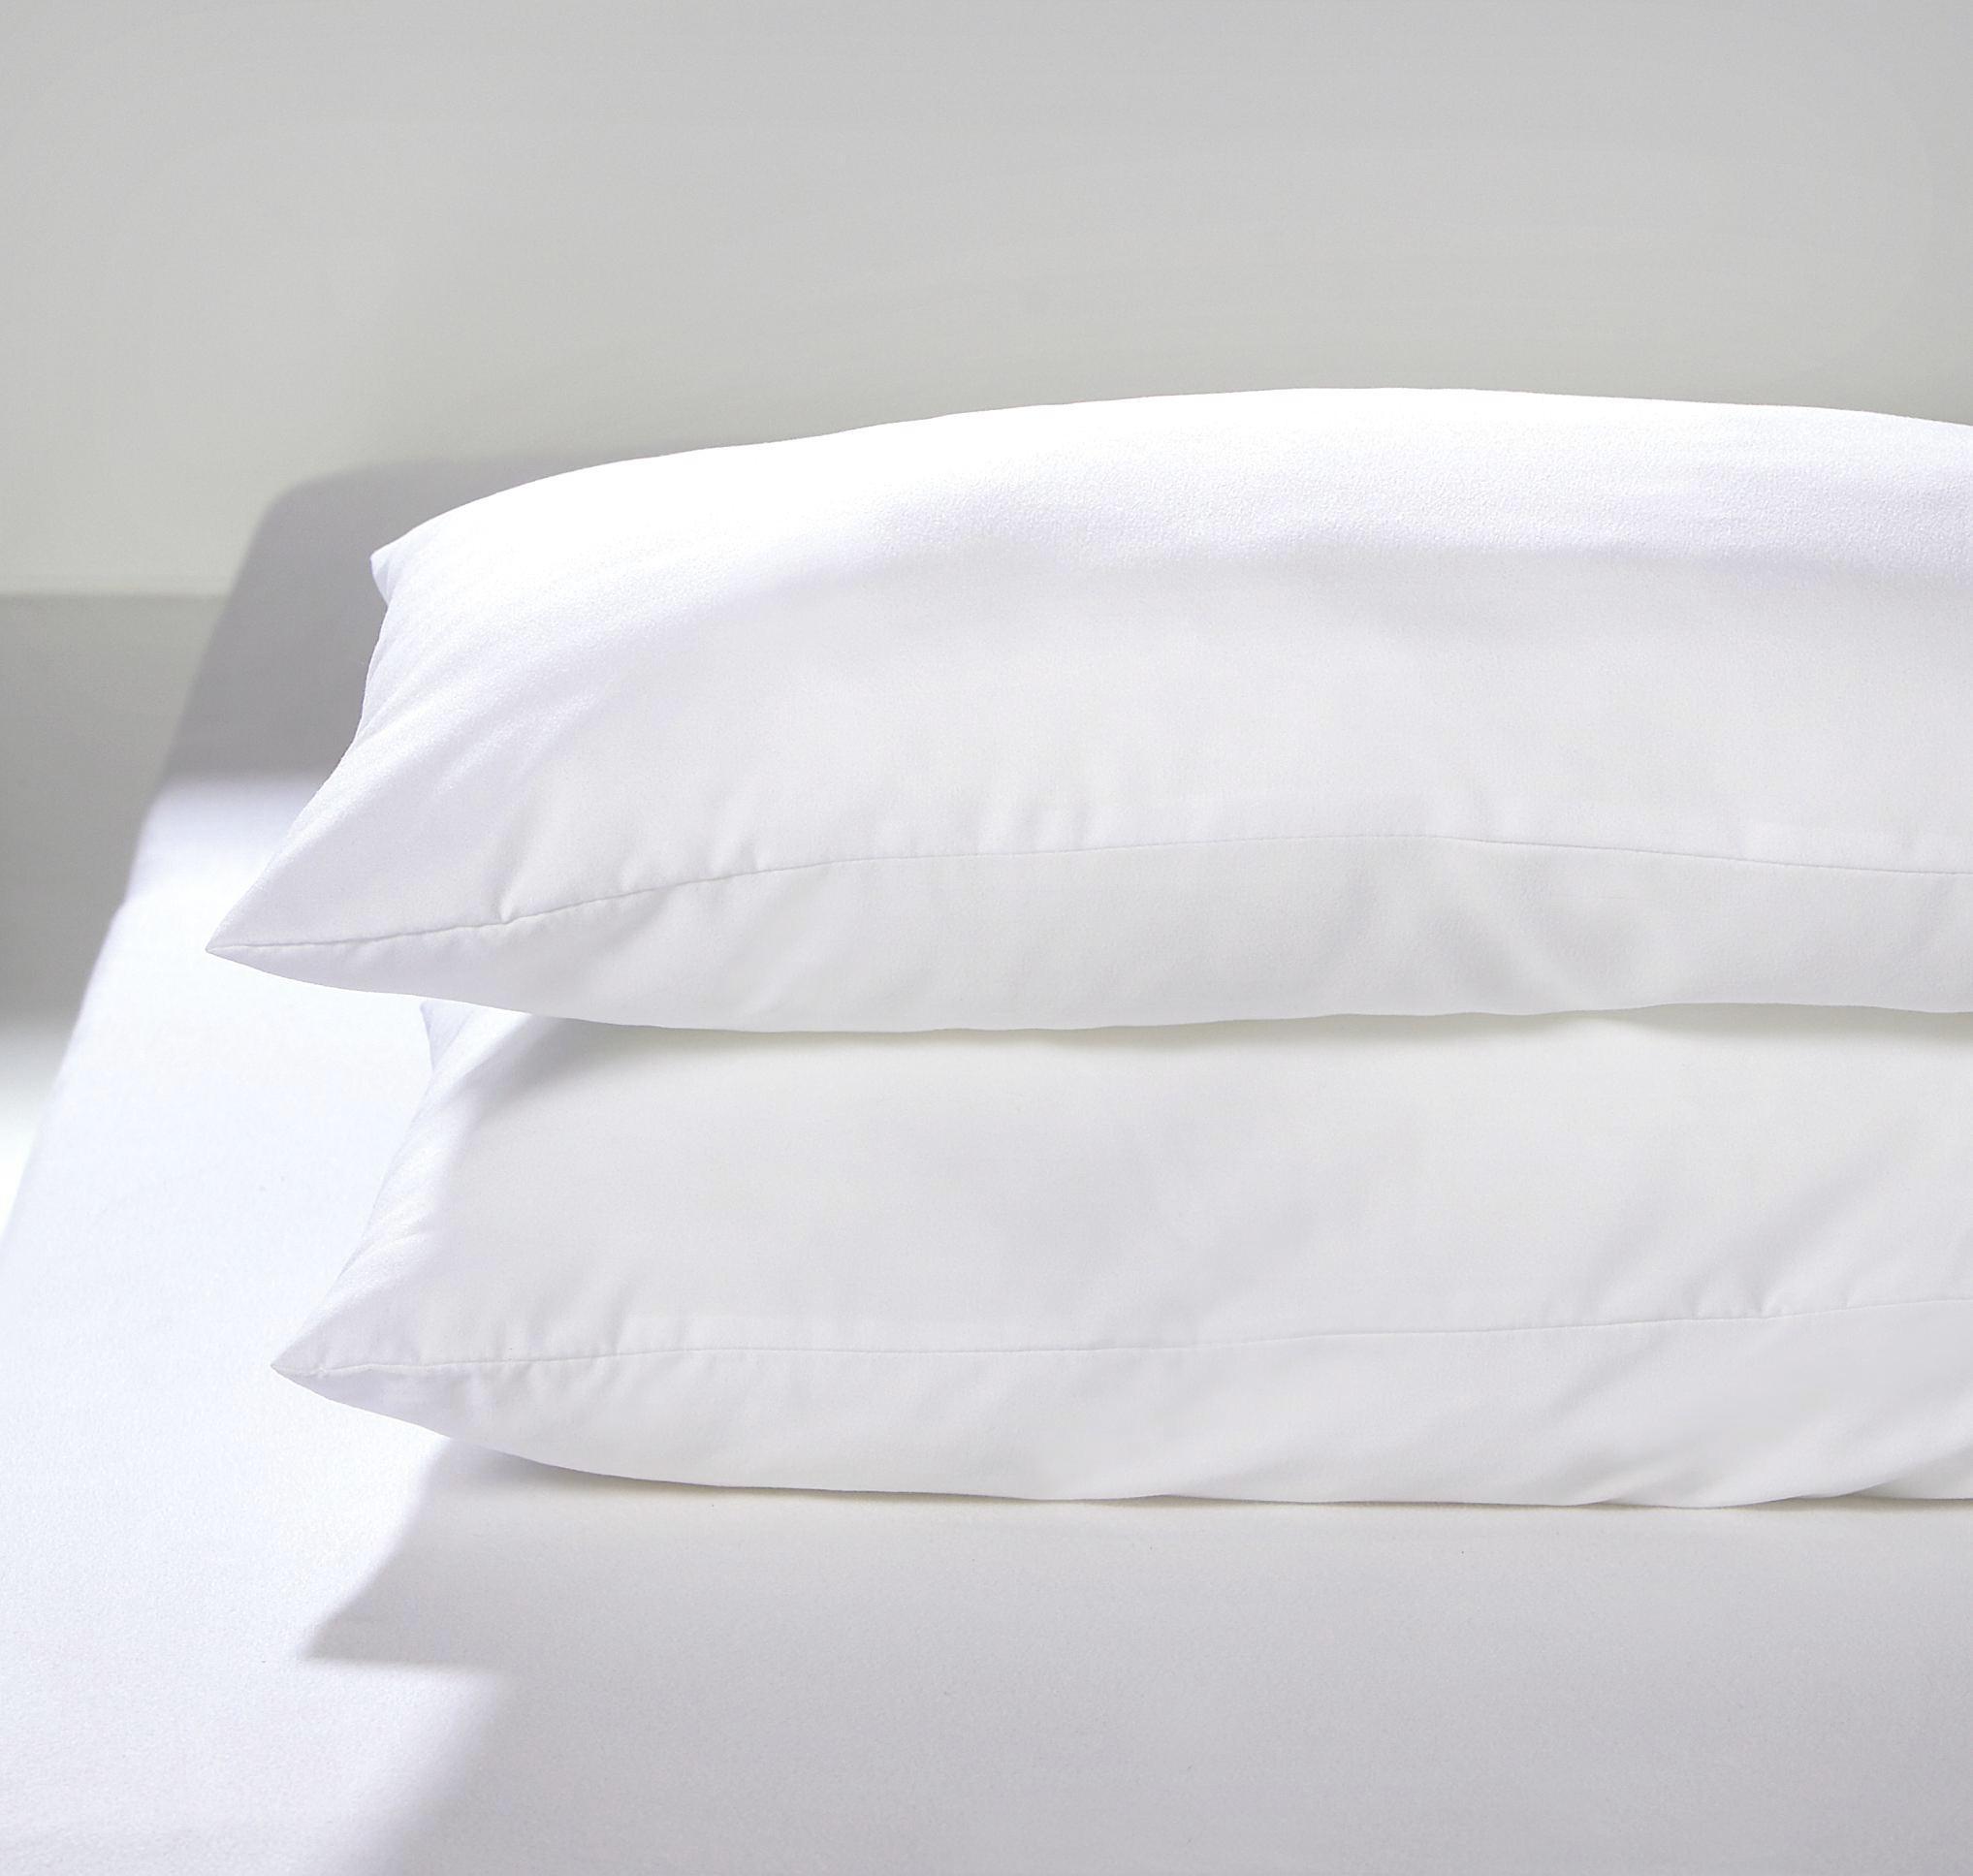 Kopfpolster Lotti ca. 40x80cm, 2 Stk. - Weiß, Textil (40/80cm) - MÖMAX modern living